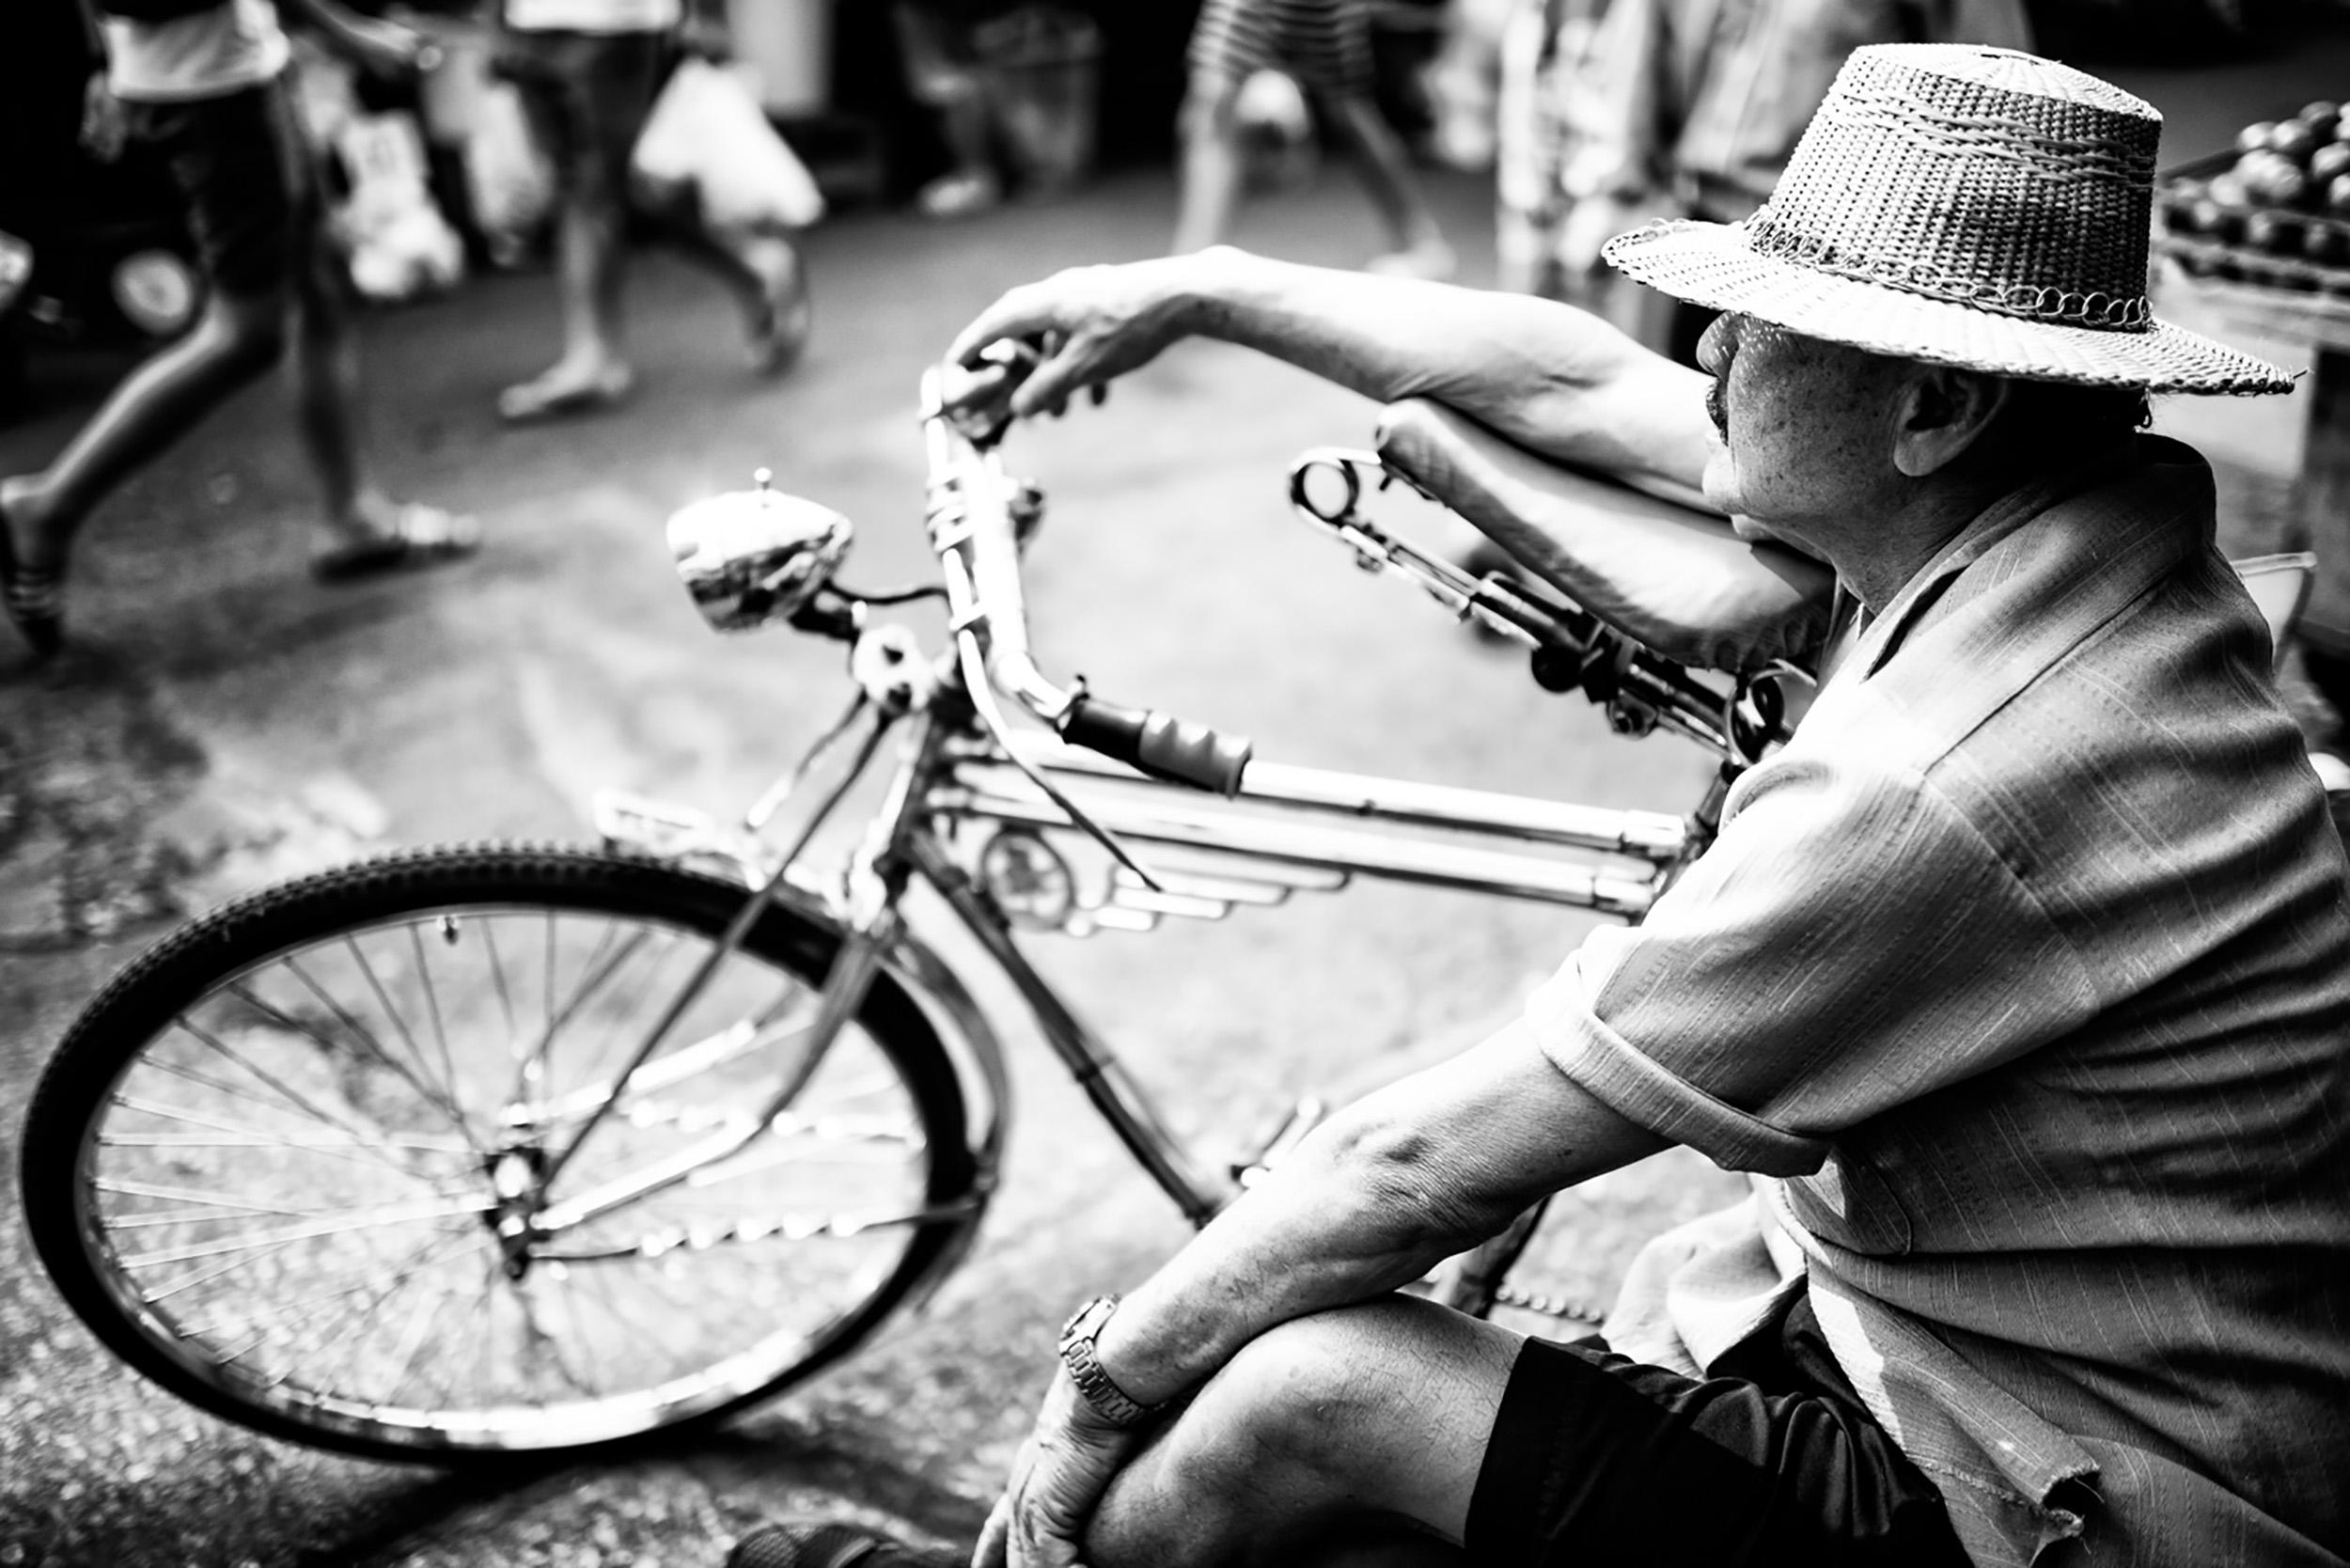 Homem descansando no mercado. © Kevin Landwer-Johan.